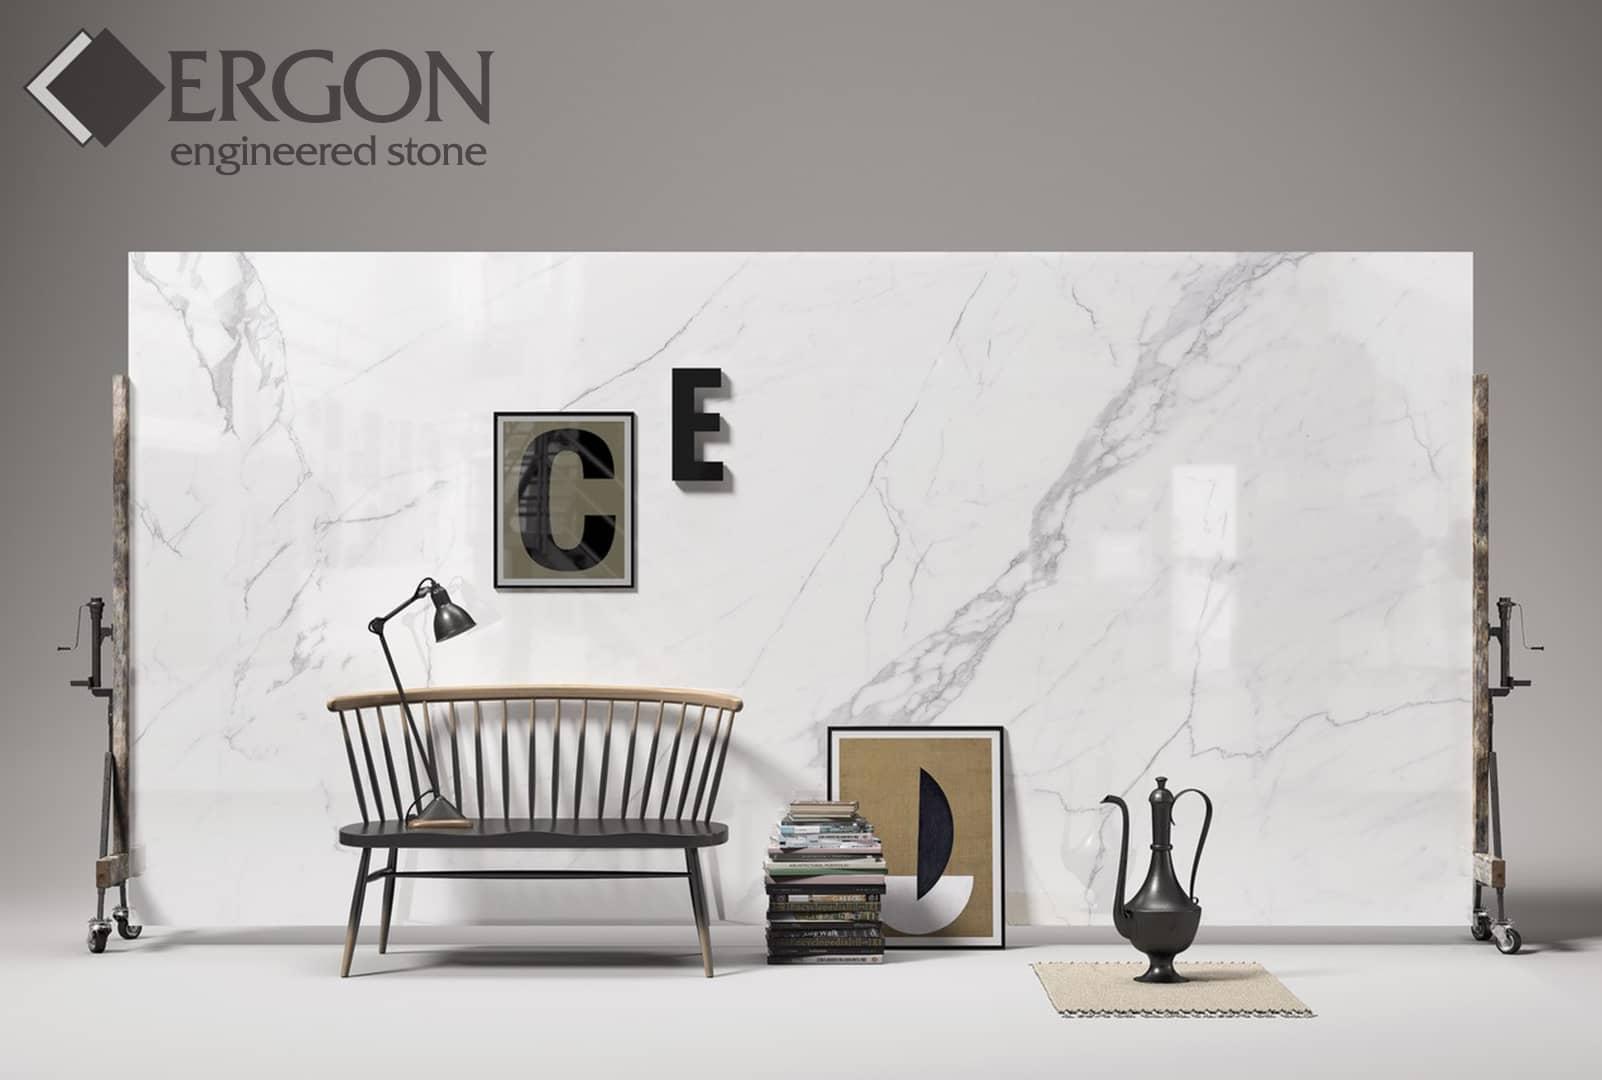 Ergon Slabs 12mm Countertops Gallery